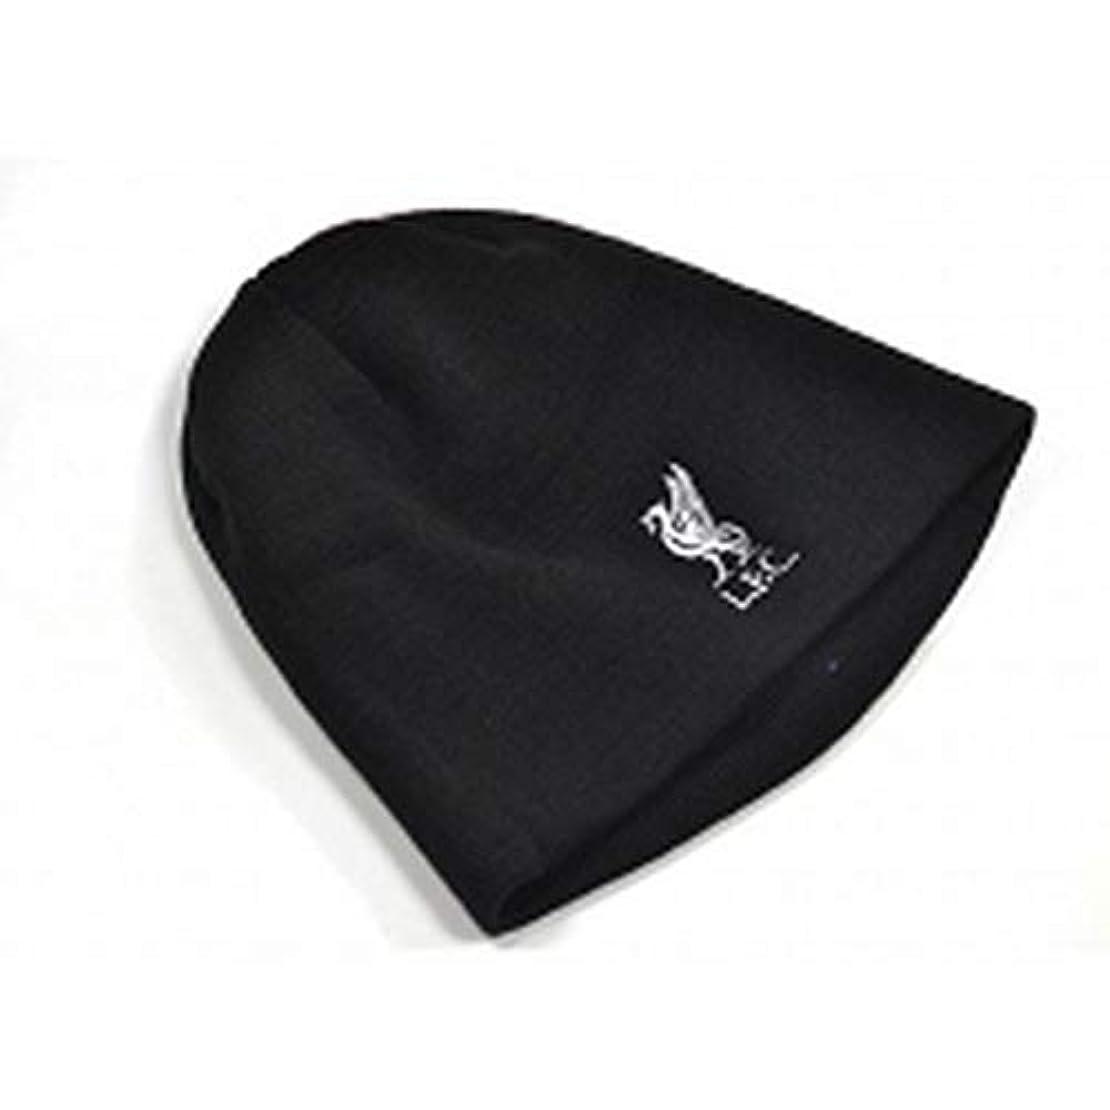 一支払い教育するリバプール F.C. ニット ハット BK ニット帽/Liverpool F.C. Knitted Hat BK